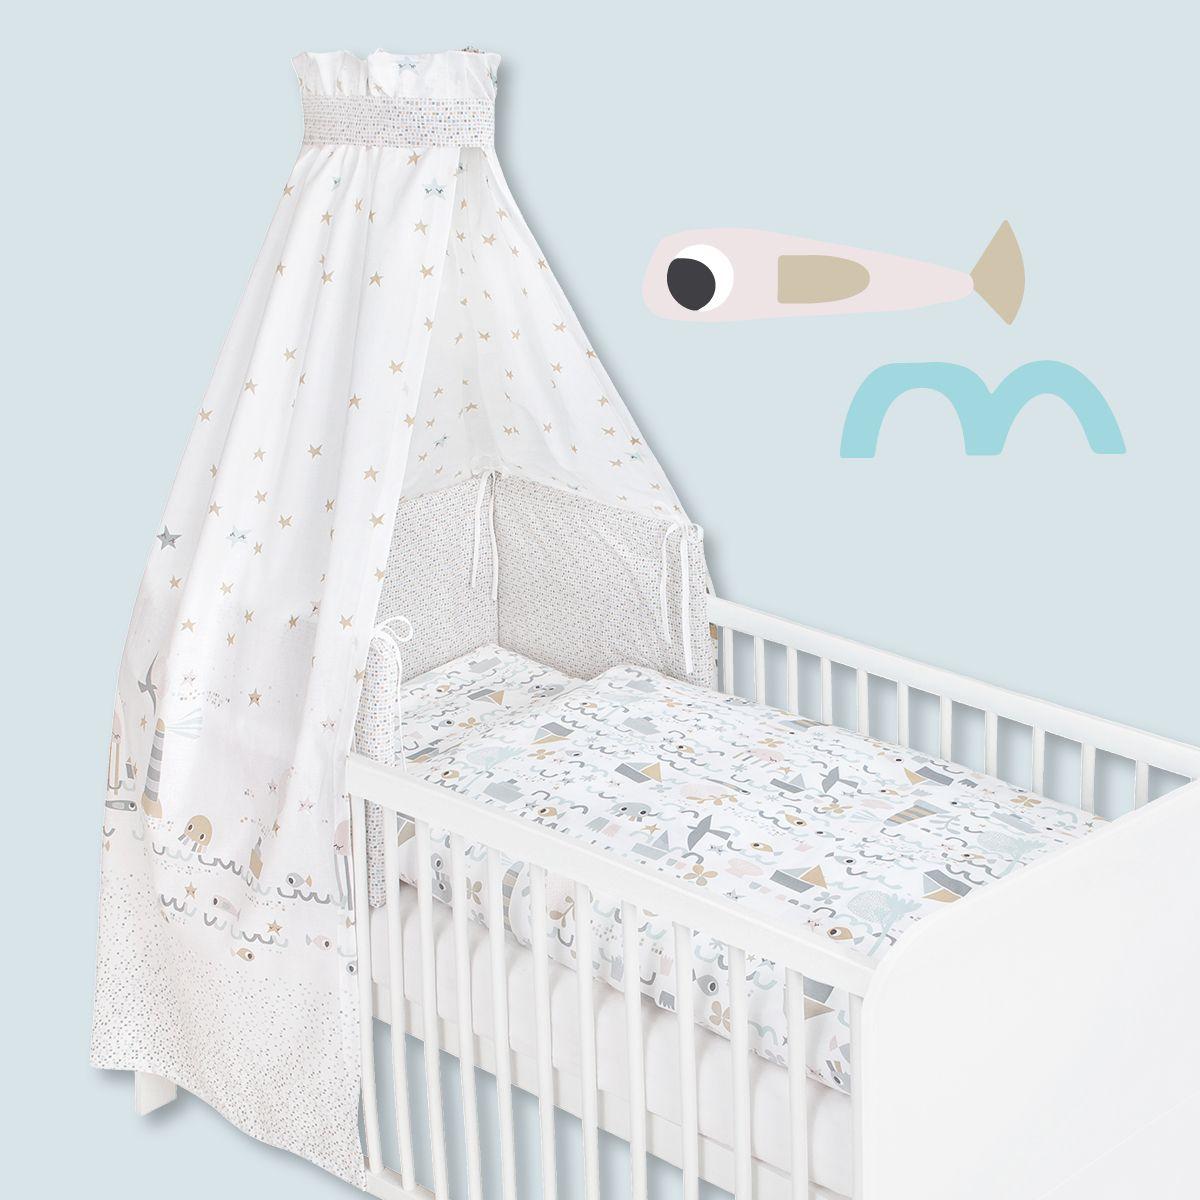 Babymatratze Dr Lubbe Air Premium Baby Stillkissen